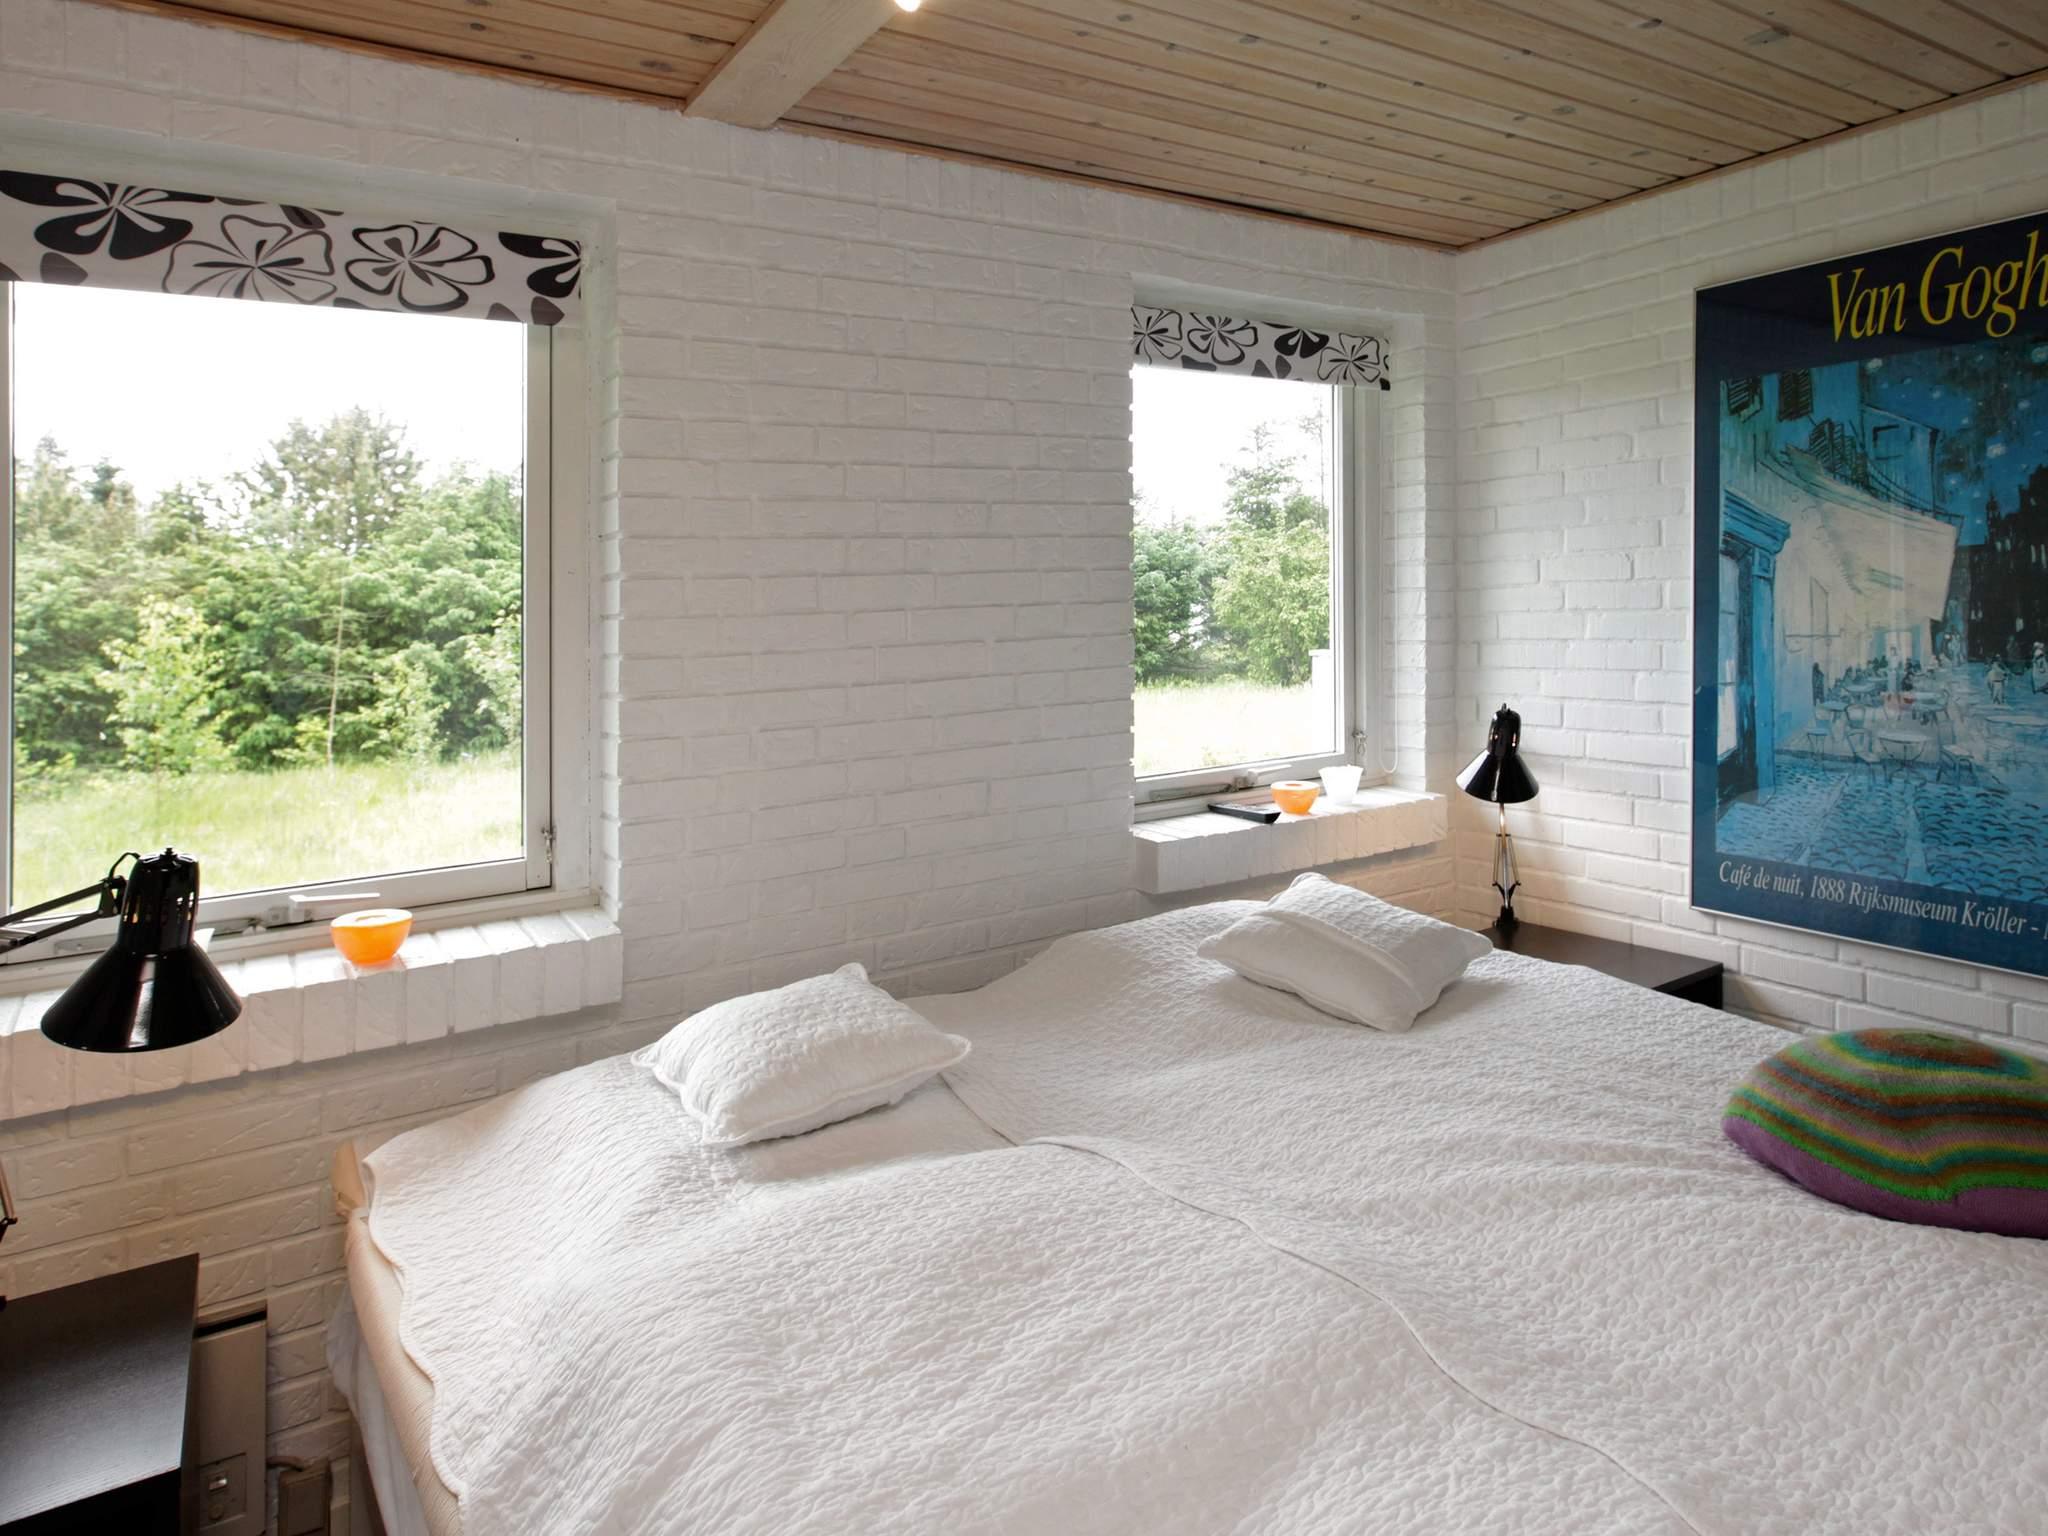 Ferienhaus Hals/Koldkær (359577), Hals, , Nordostjütland, Dänemark, Bild 10